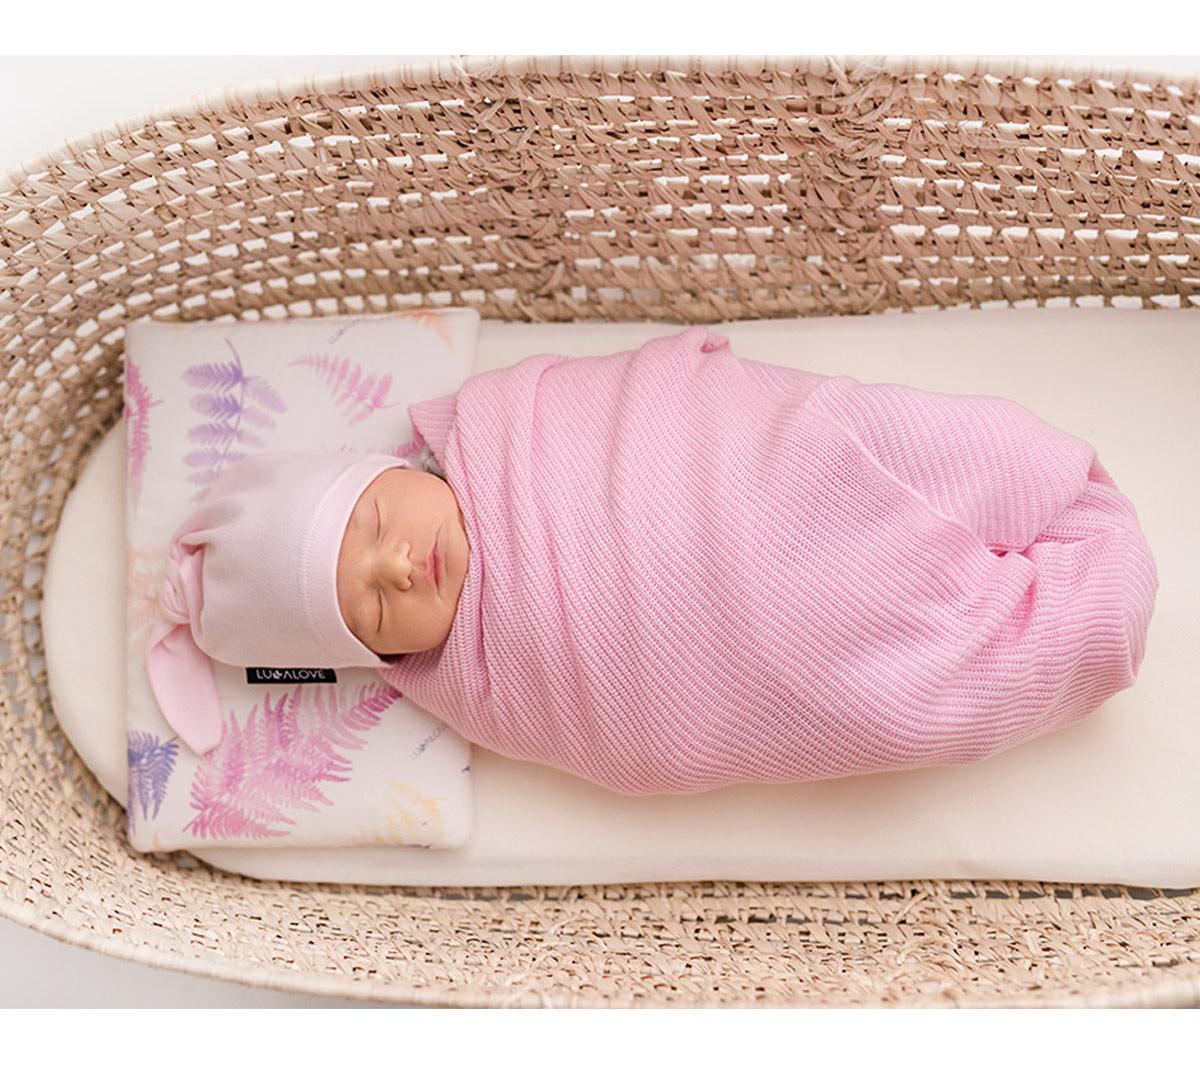 De ce poate ajuta infasatul bebelusilor?